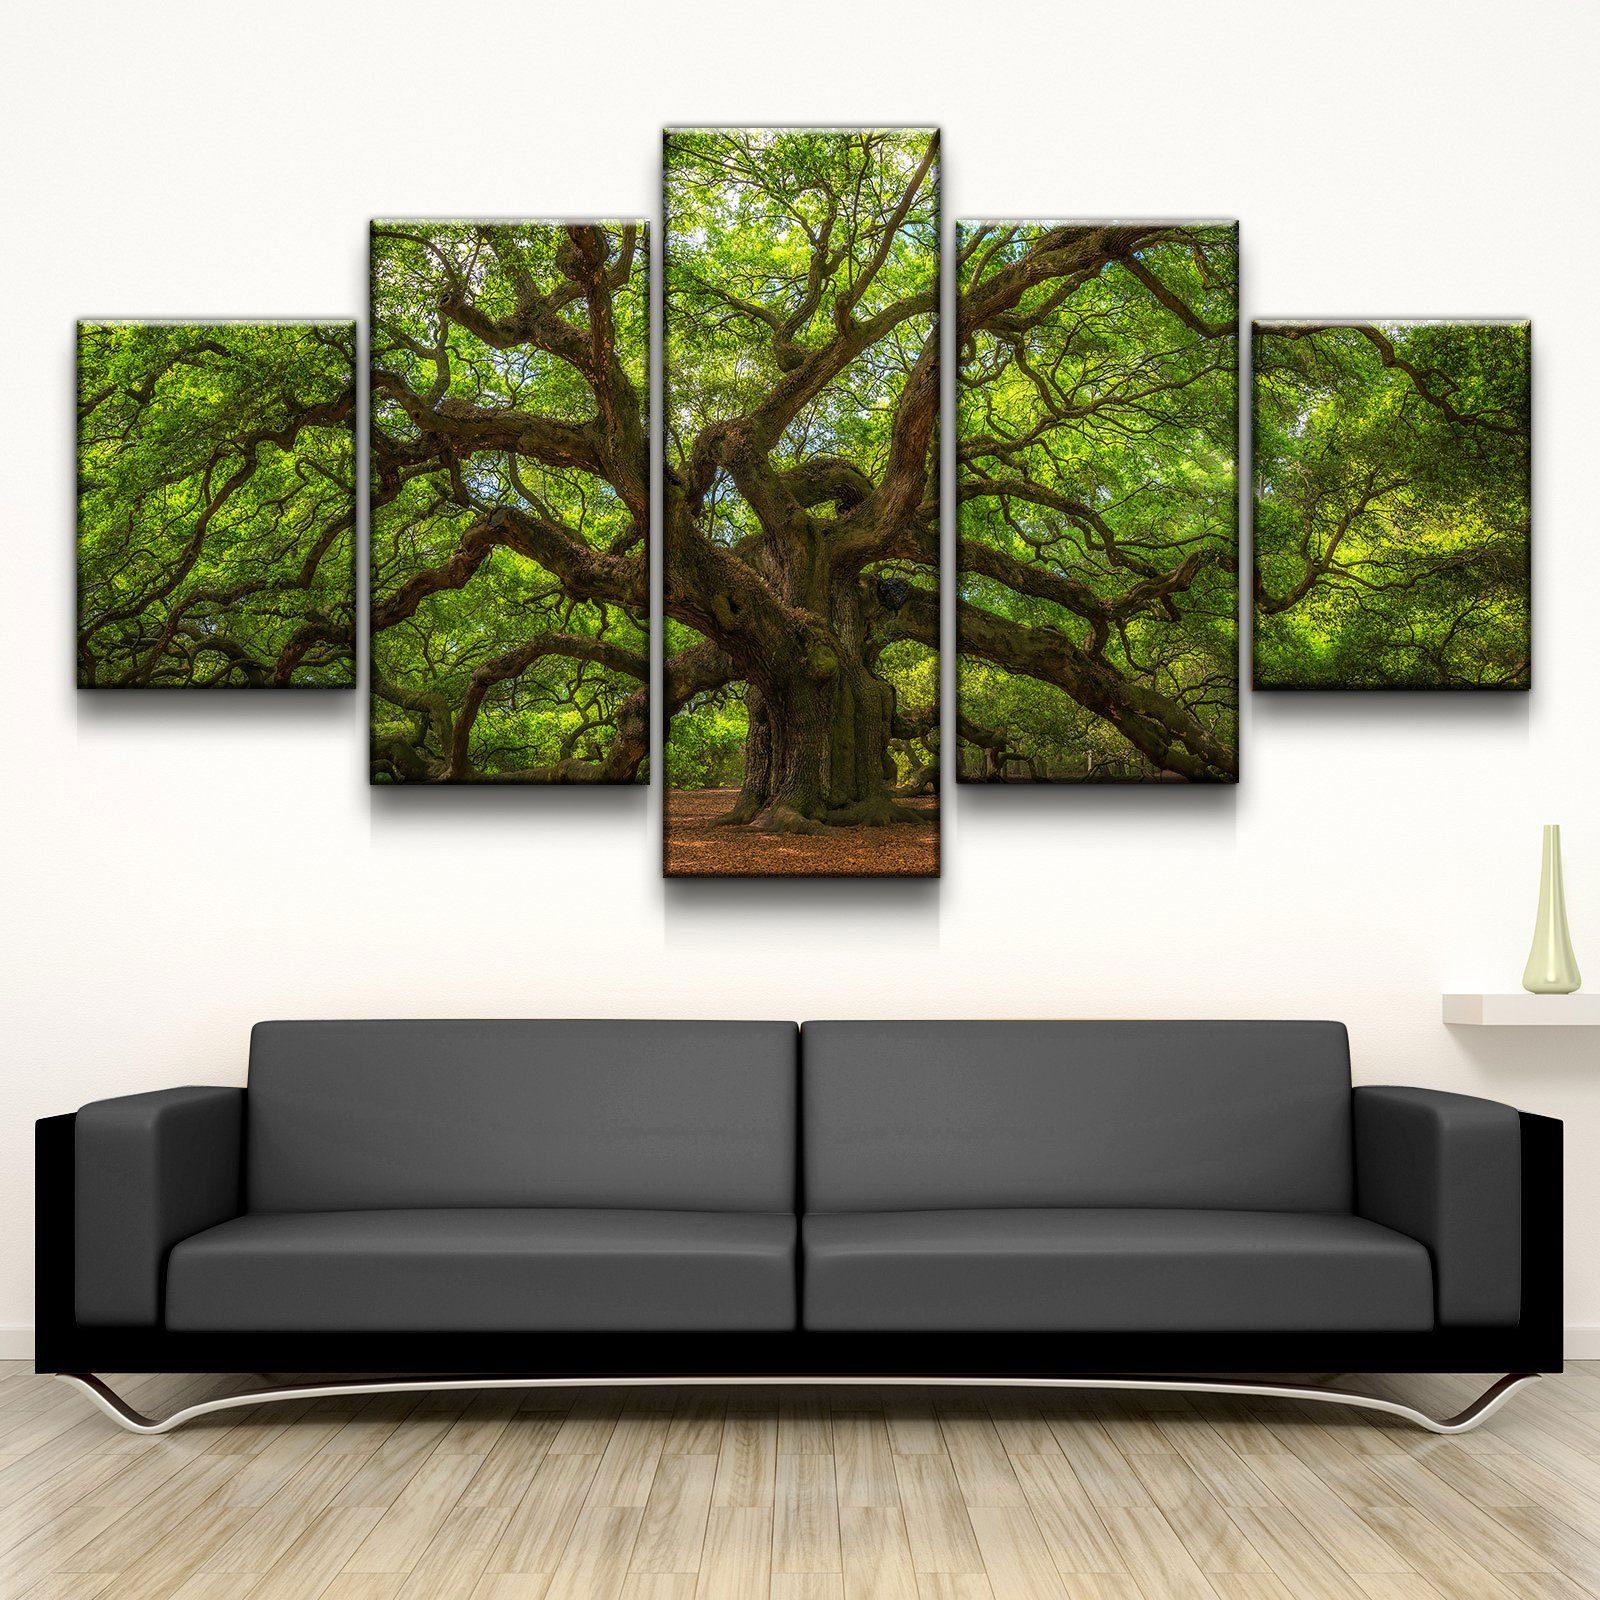 Angel Oak Tree 5 panel canvas wall art